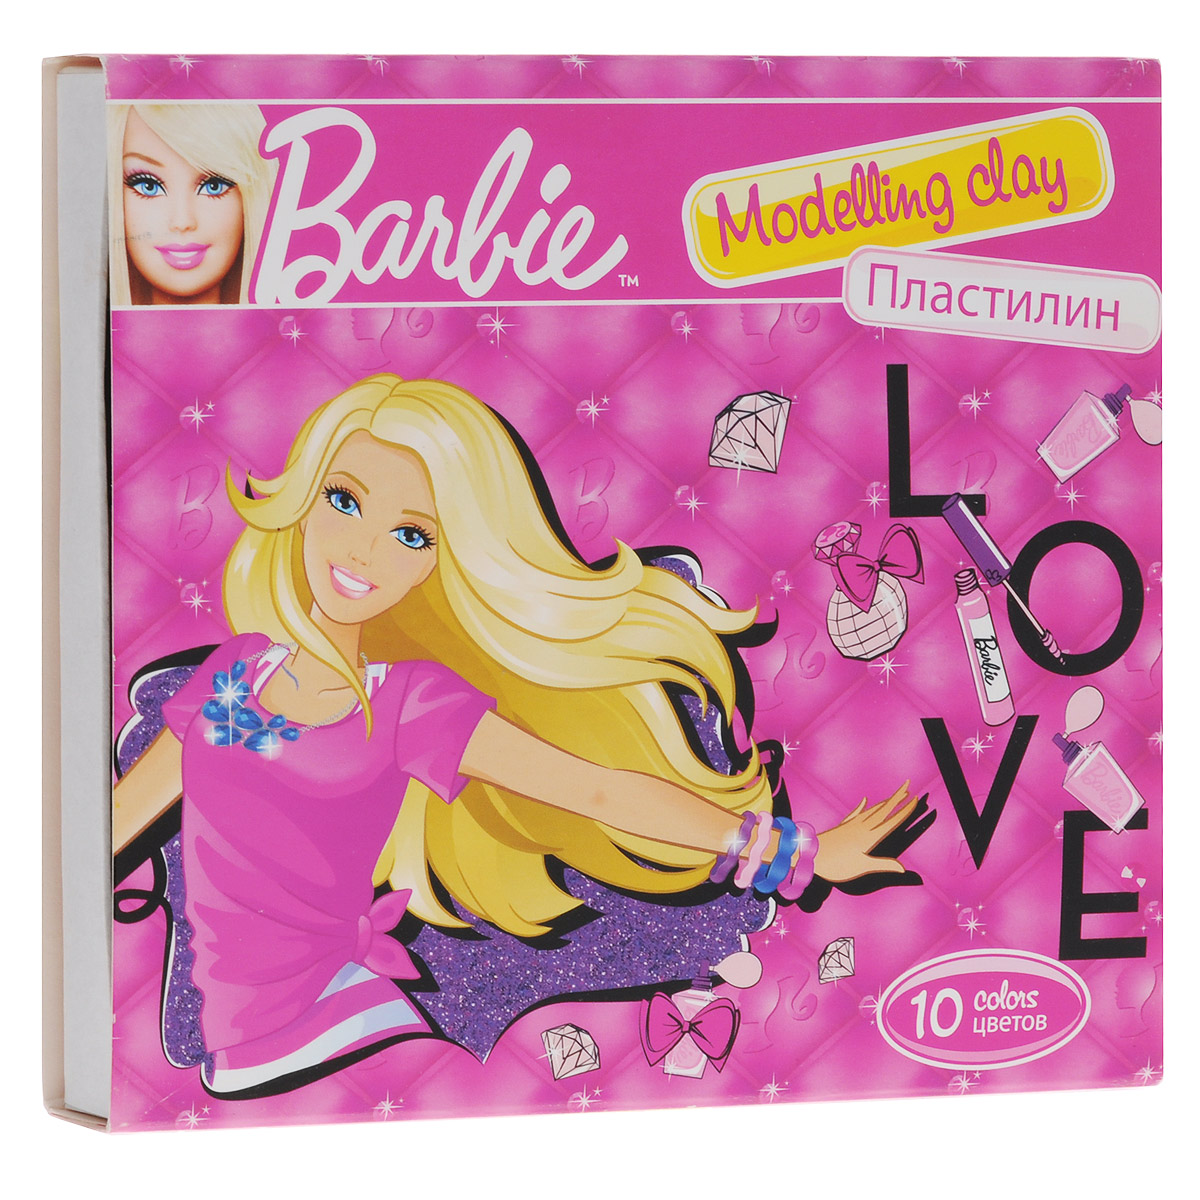 Пластилин Barbie, 10 цветов660309_скутерПластилин Barbie - это отличная возможность познакомить ребенка с еще одним из видов изобразительного творчества, в котором создаются объемные образы и целые композиции. В набор входит пластилин 10 ярких цветов (красный, темно-зеленый, черный, светло-зеленый, белый, желтый, синий, коричневый, голубой, лиловый), а также пластиковый стек для нарезания пластилина.Цвета пластилина легко смешиваются между собой, и таким образом можно получить новые оттенки. Пластилин имеет яркие, красочные цвета и не липнет к рукам.Техника лепки богата и разнообразна, но при этом доступна даже маленьким детям. Занятия лепкой не только увлекательны, но и полезны для ребенка. Они способствуют развитию творческого и пространственного мышления, восприятия формы, фактуры, цвета и веса, развивают воображение и мелкую моторику.